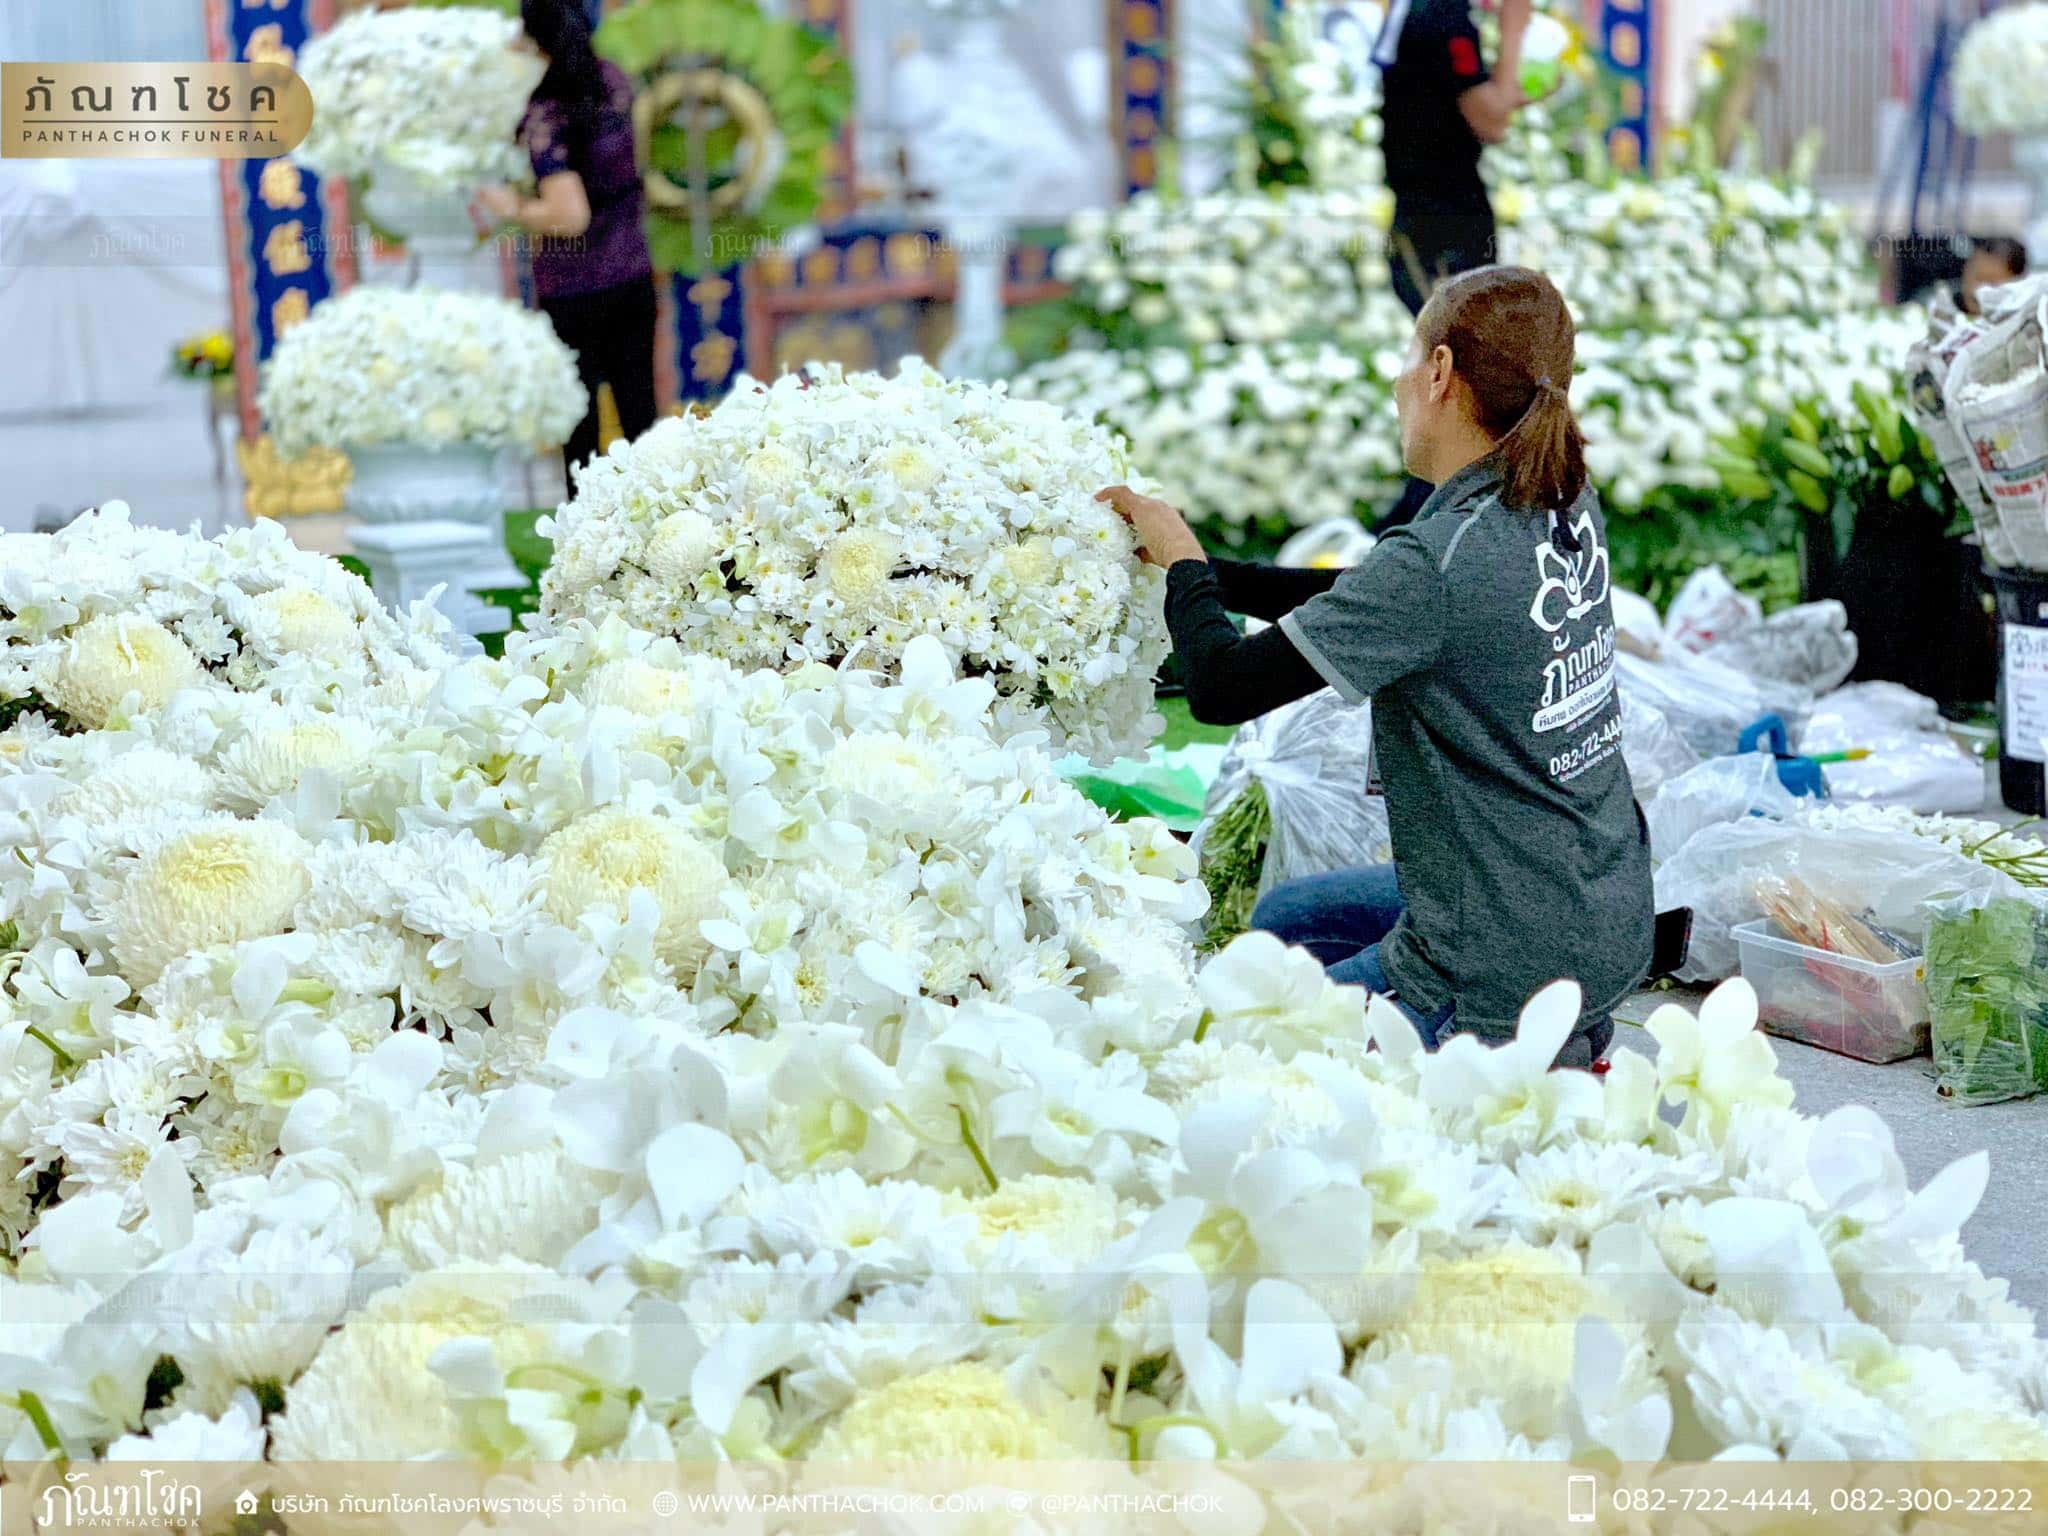 ผลงานจัดดอกไม้ ณ มูลนิธิแพร่ศีลธรรมการกุศลสงเคราะห์ 4